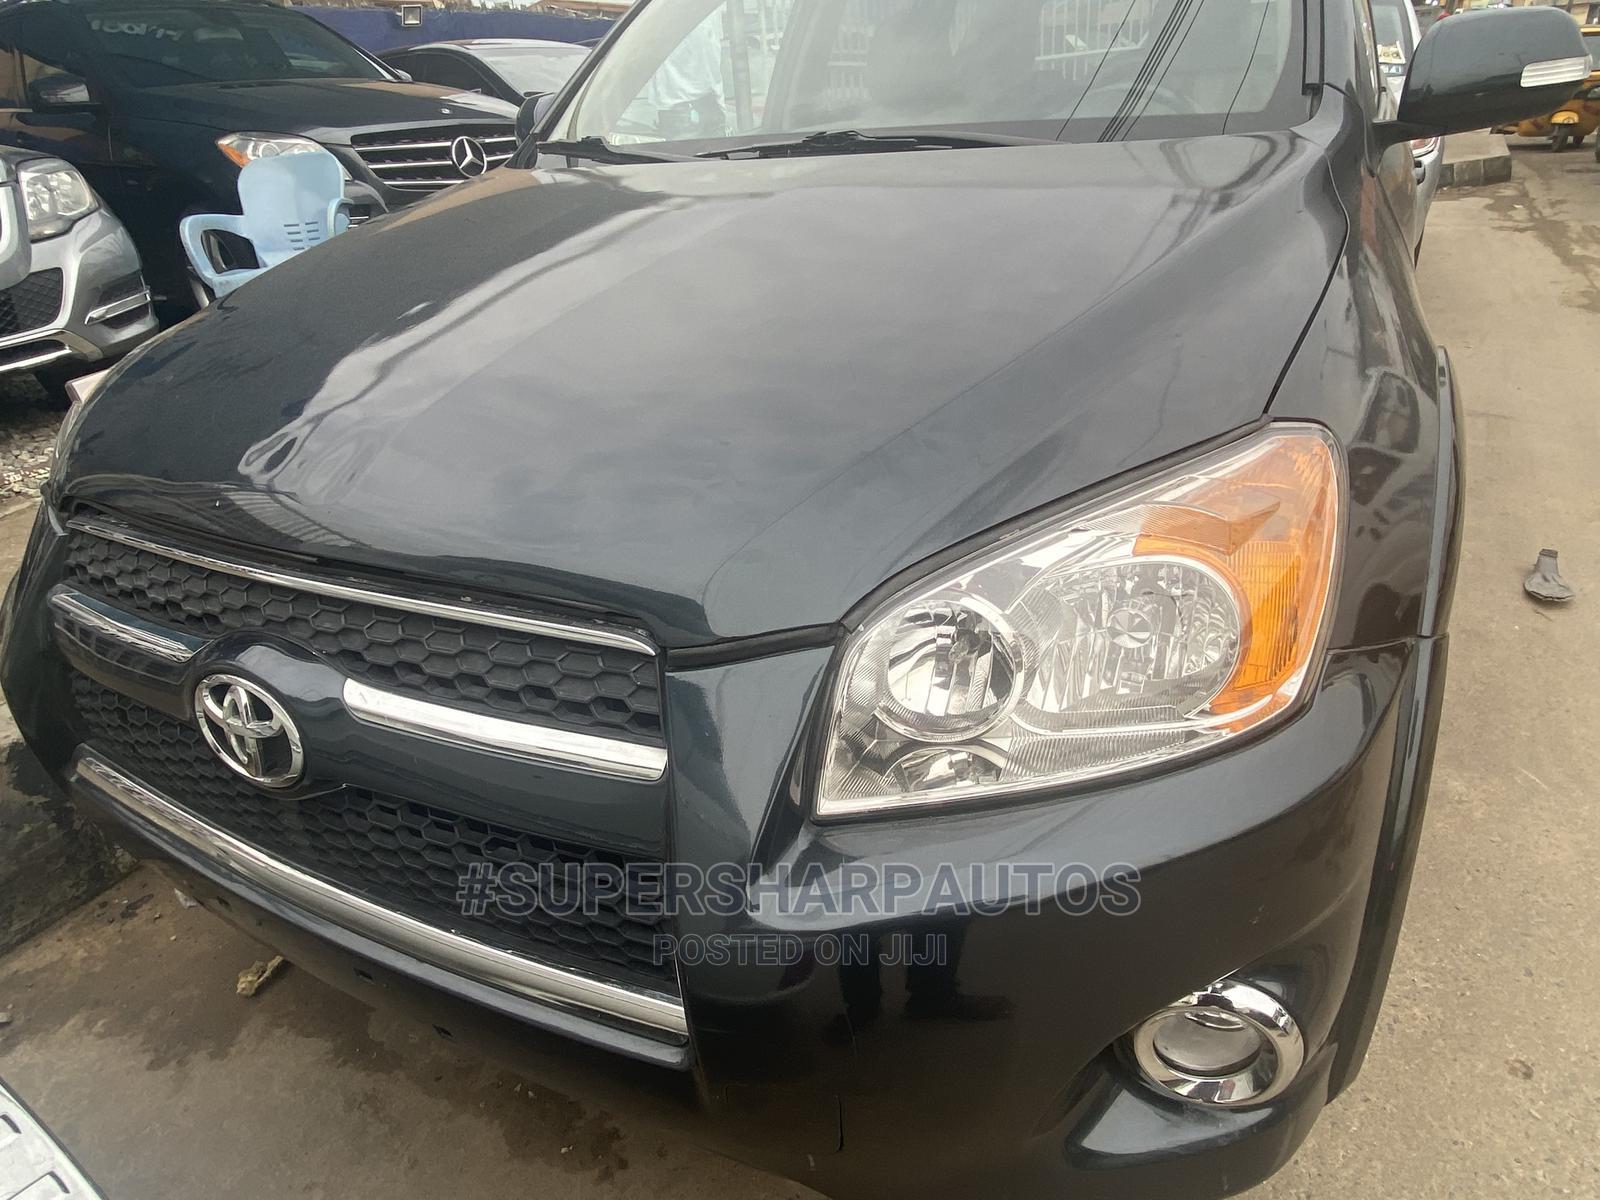 Toyota RAV4 2010 3.5 Limited 4x4 Gray